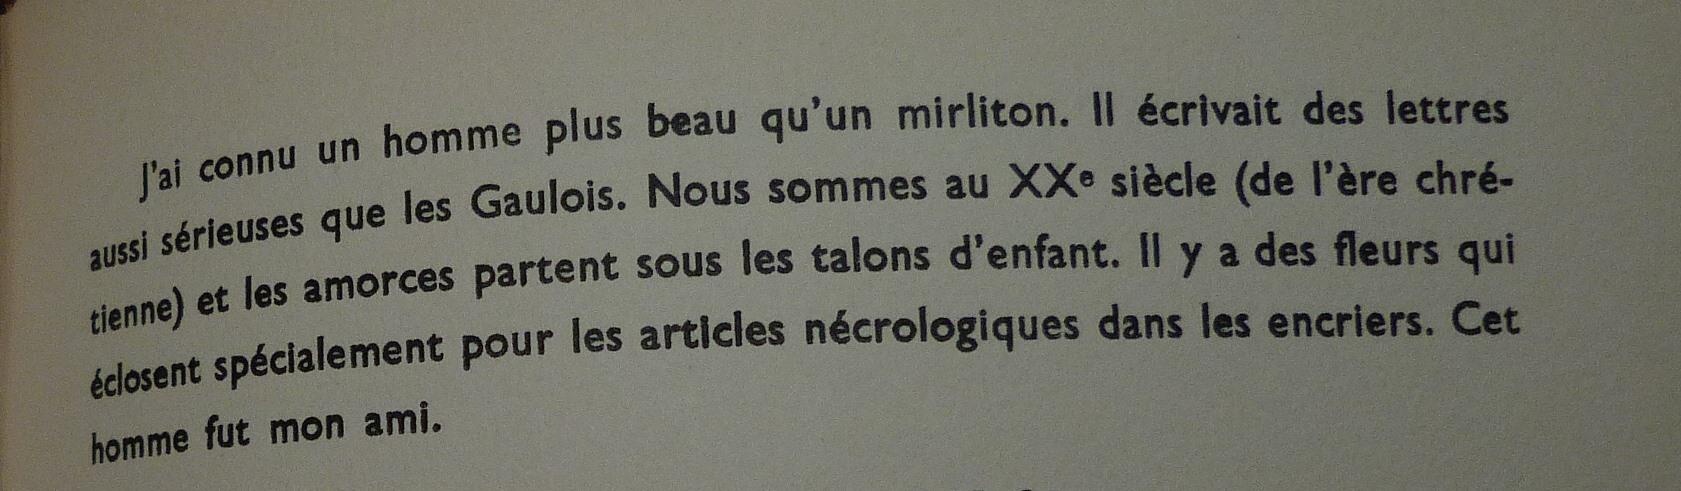 """Extrait d'une préface de A.Breton du livre """"Lettres de guerre"""""""